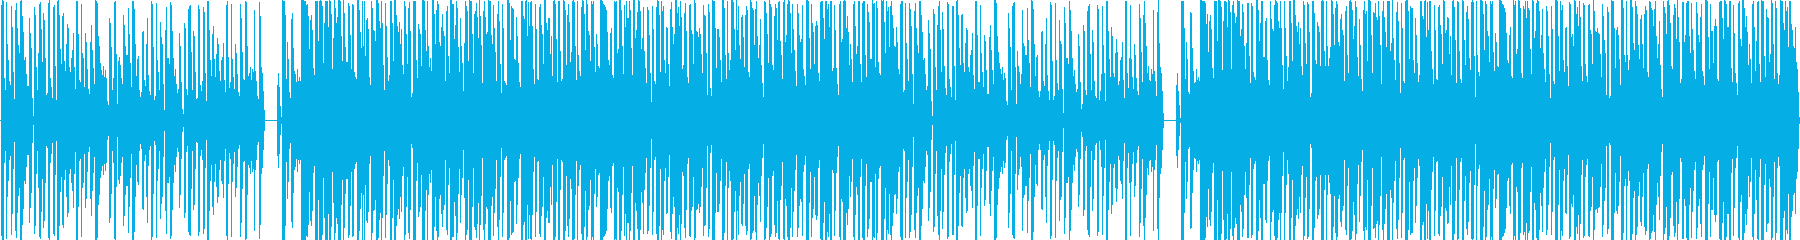 クールかつ緊張感の漂うサウンドの再生済みの波形